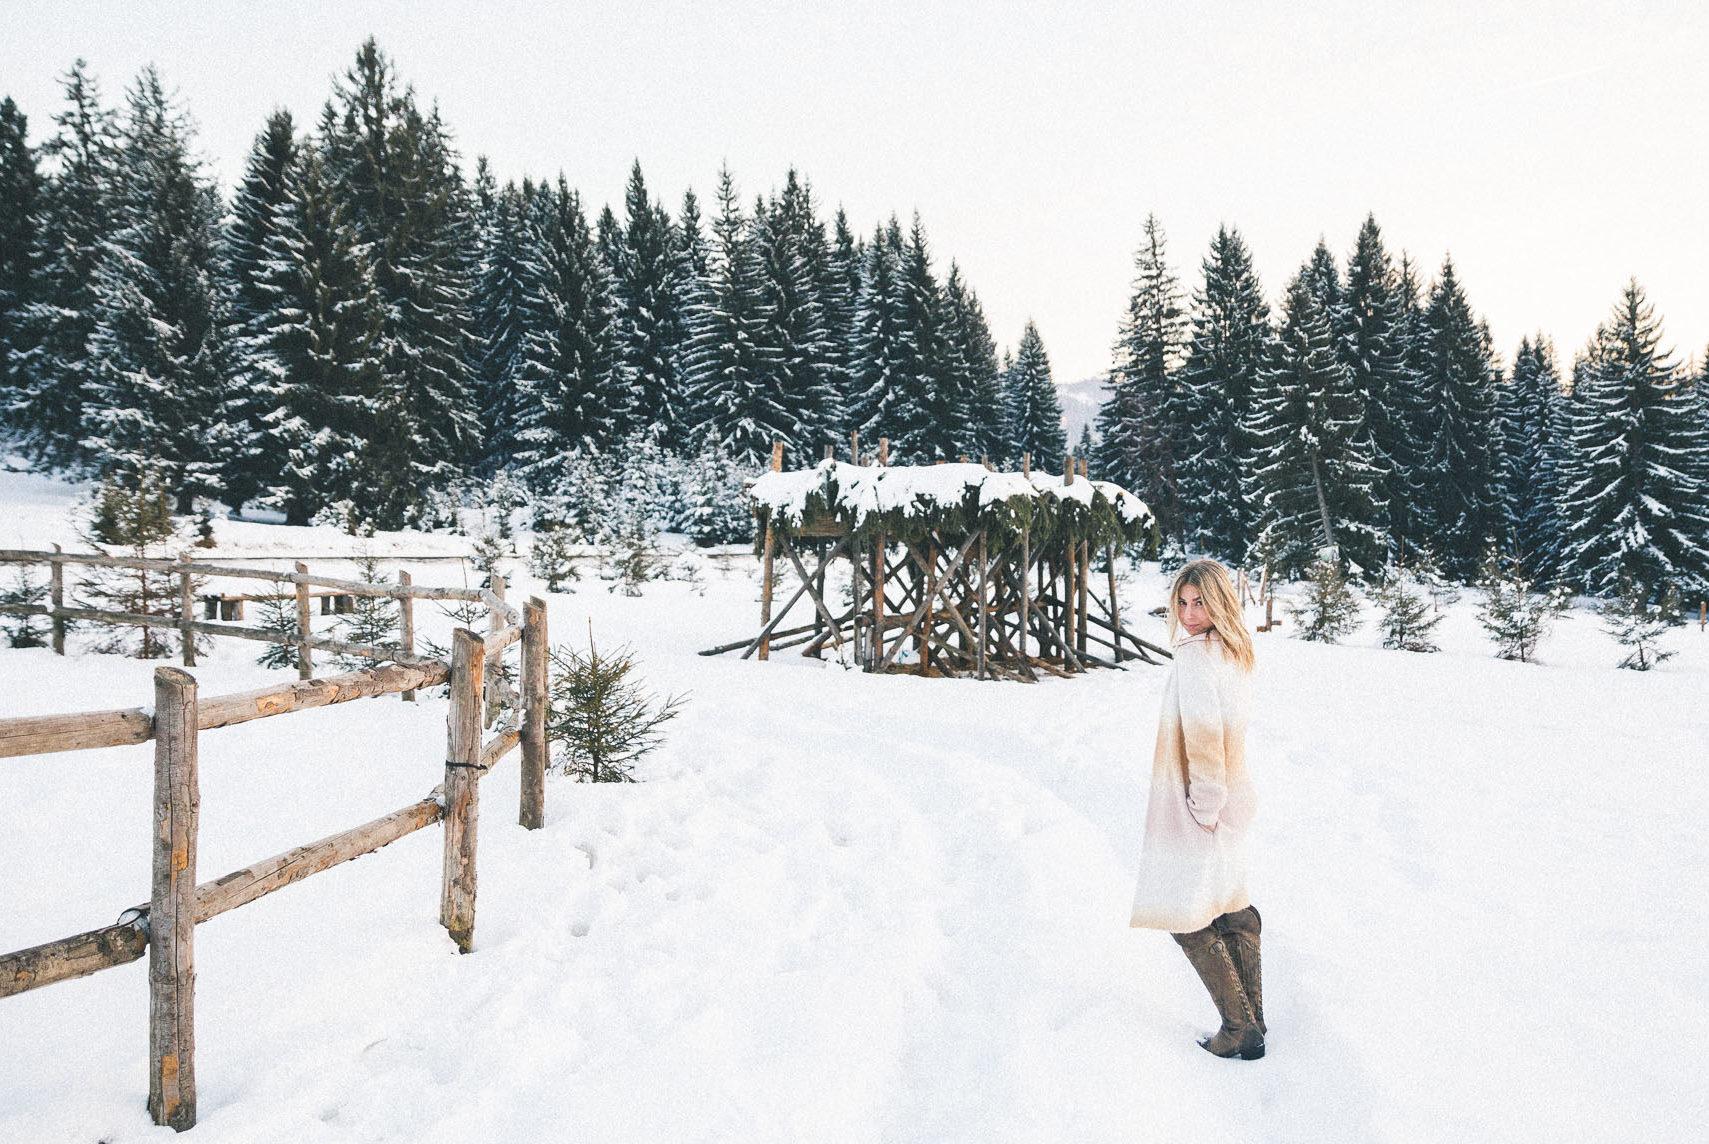 Hut in Poiana Brasov, Transylvania, Romania